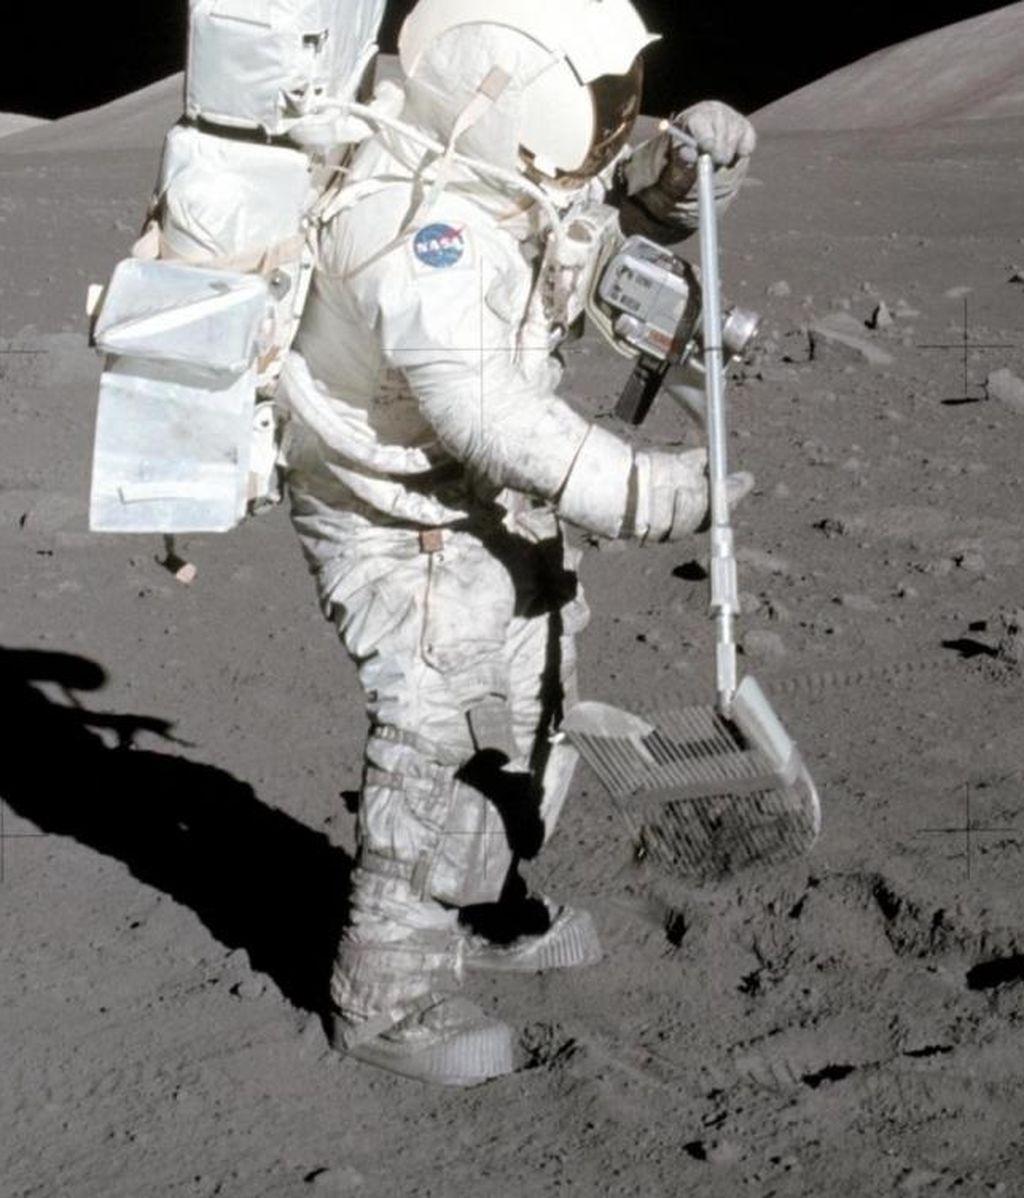 EuropaPress_3295617_polvo_adhiere_botas_astronauta_geologo_apolo_17_harrison_jack_schmitt_1972